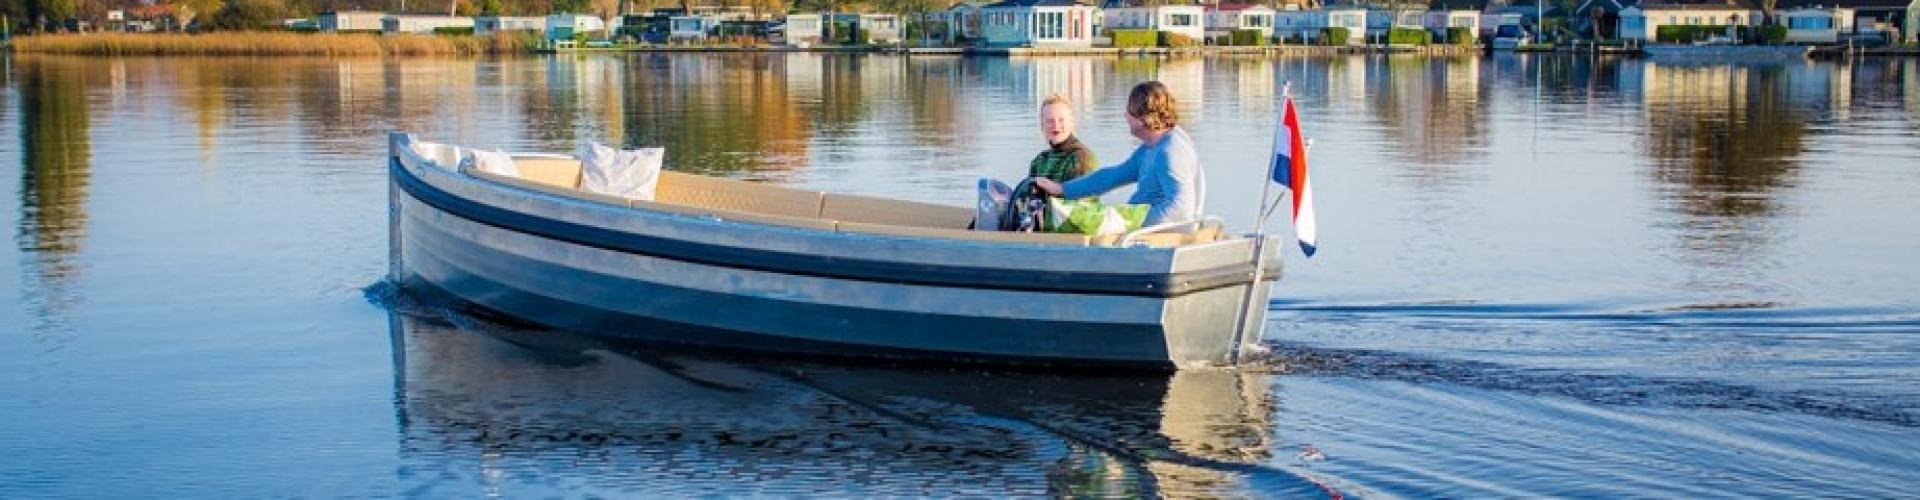 eagle boats classic 550 aluminium sloep